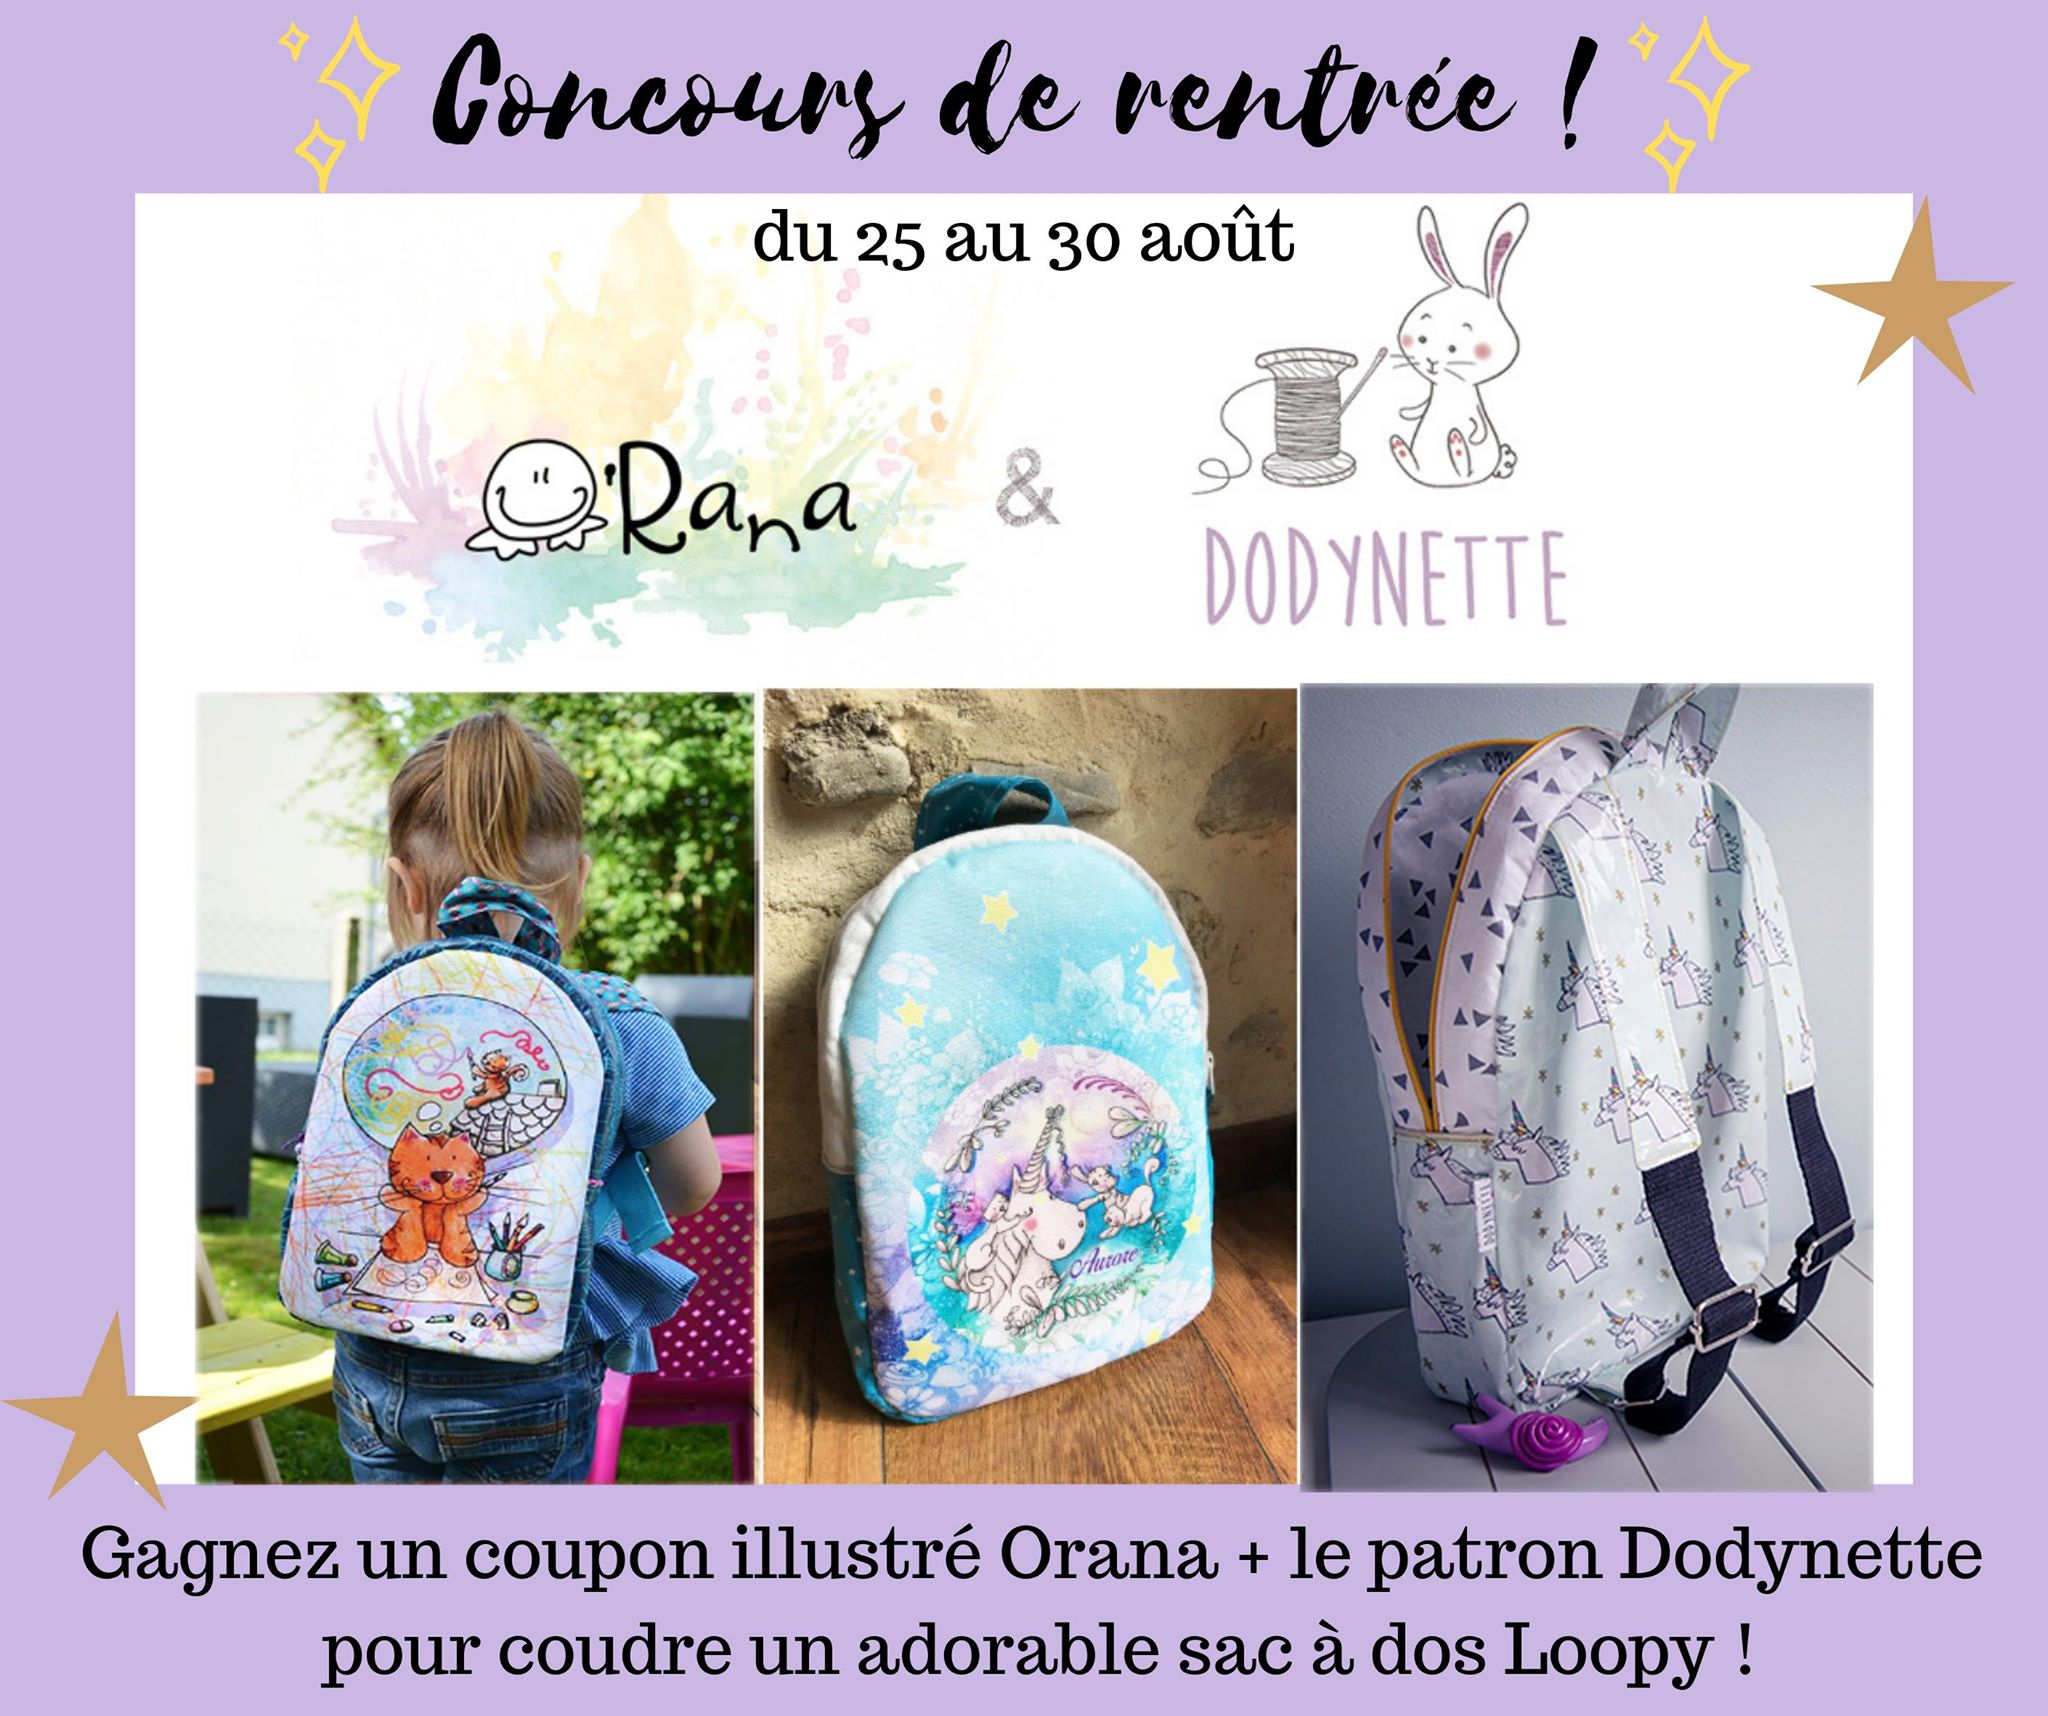 Dodynette Les Des ConcoursTutos De Résultats Couture OkPXn08w